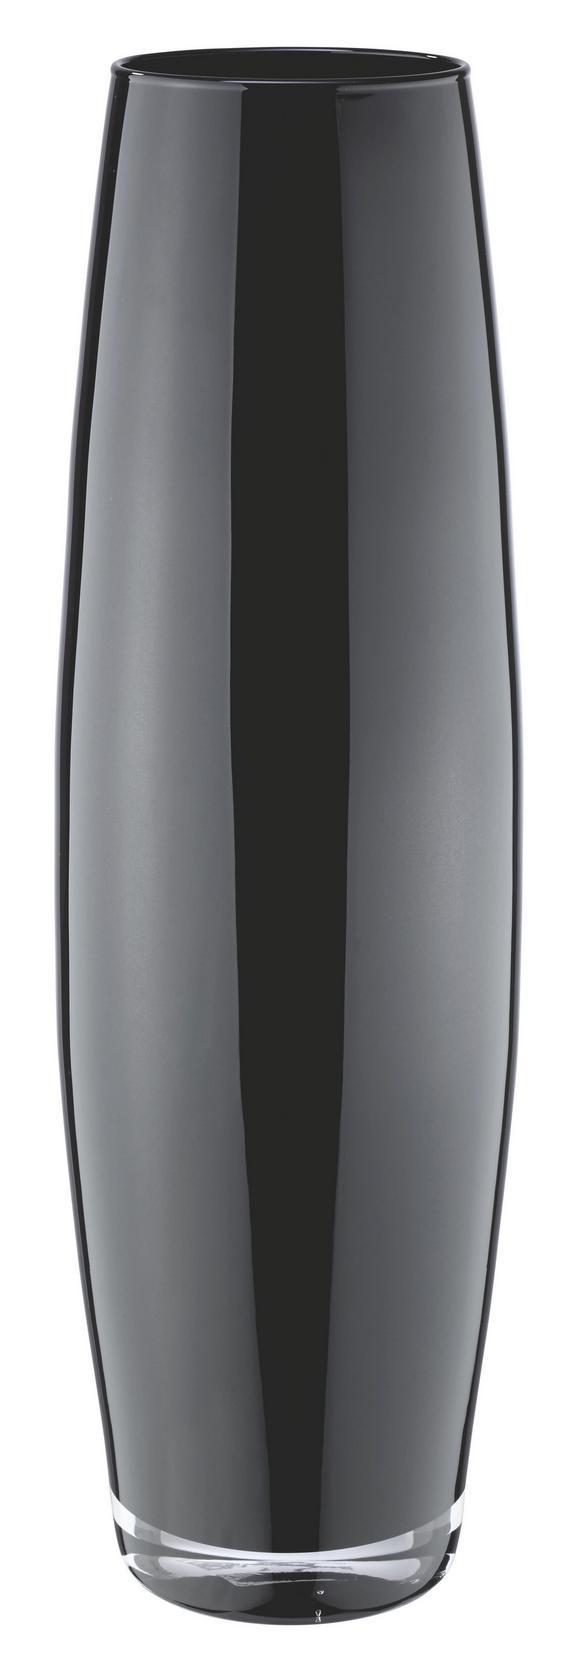 Vase Jenny verschiedene Farben - Schwarz/Weiß, Glas (50cm) - Mömax modern living